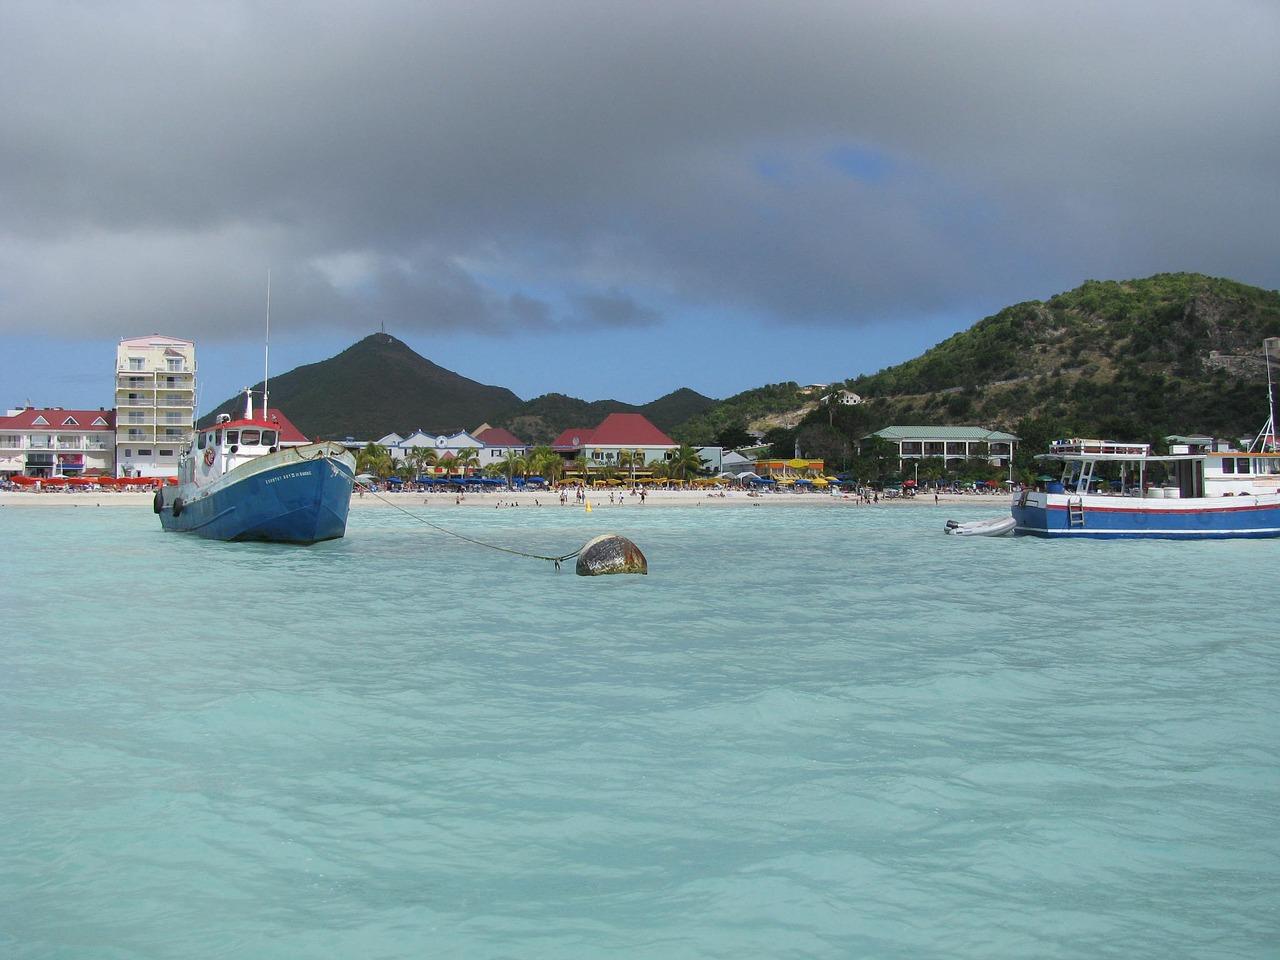 A incrível ilha de Sint Maarten/Saint Martin